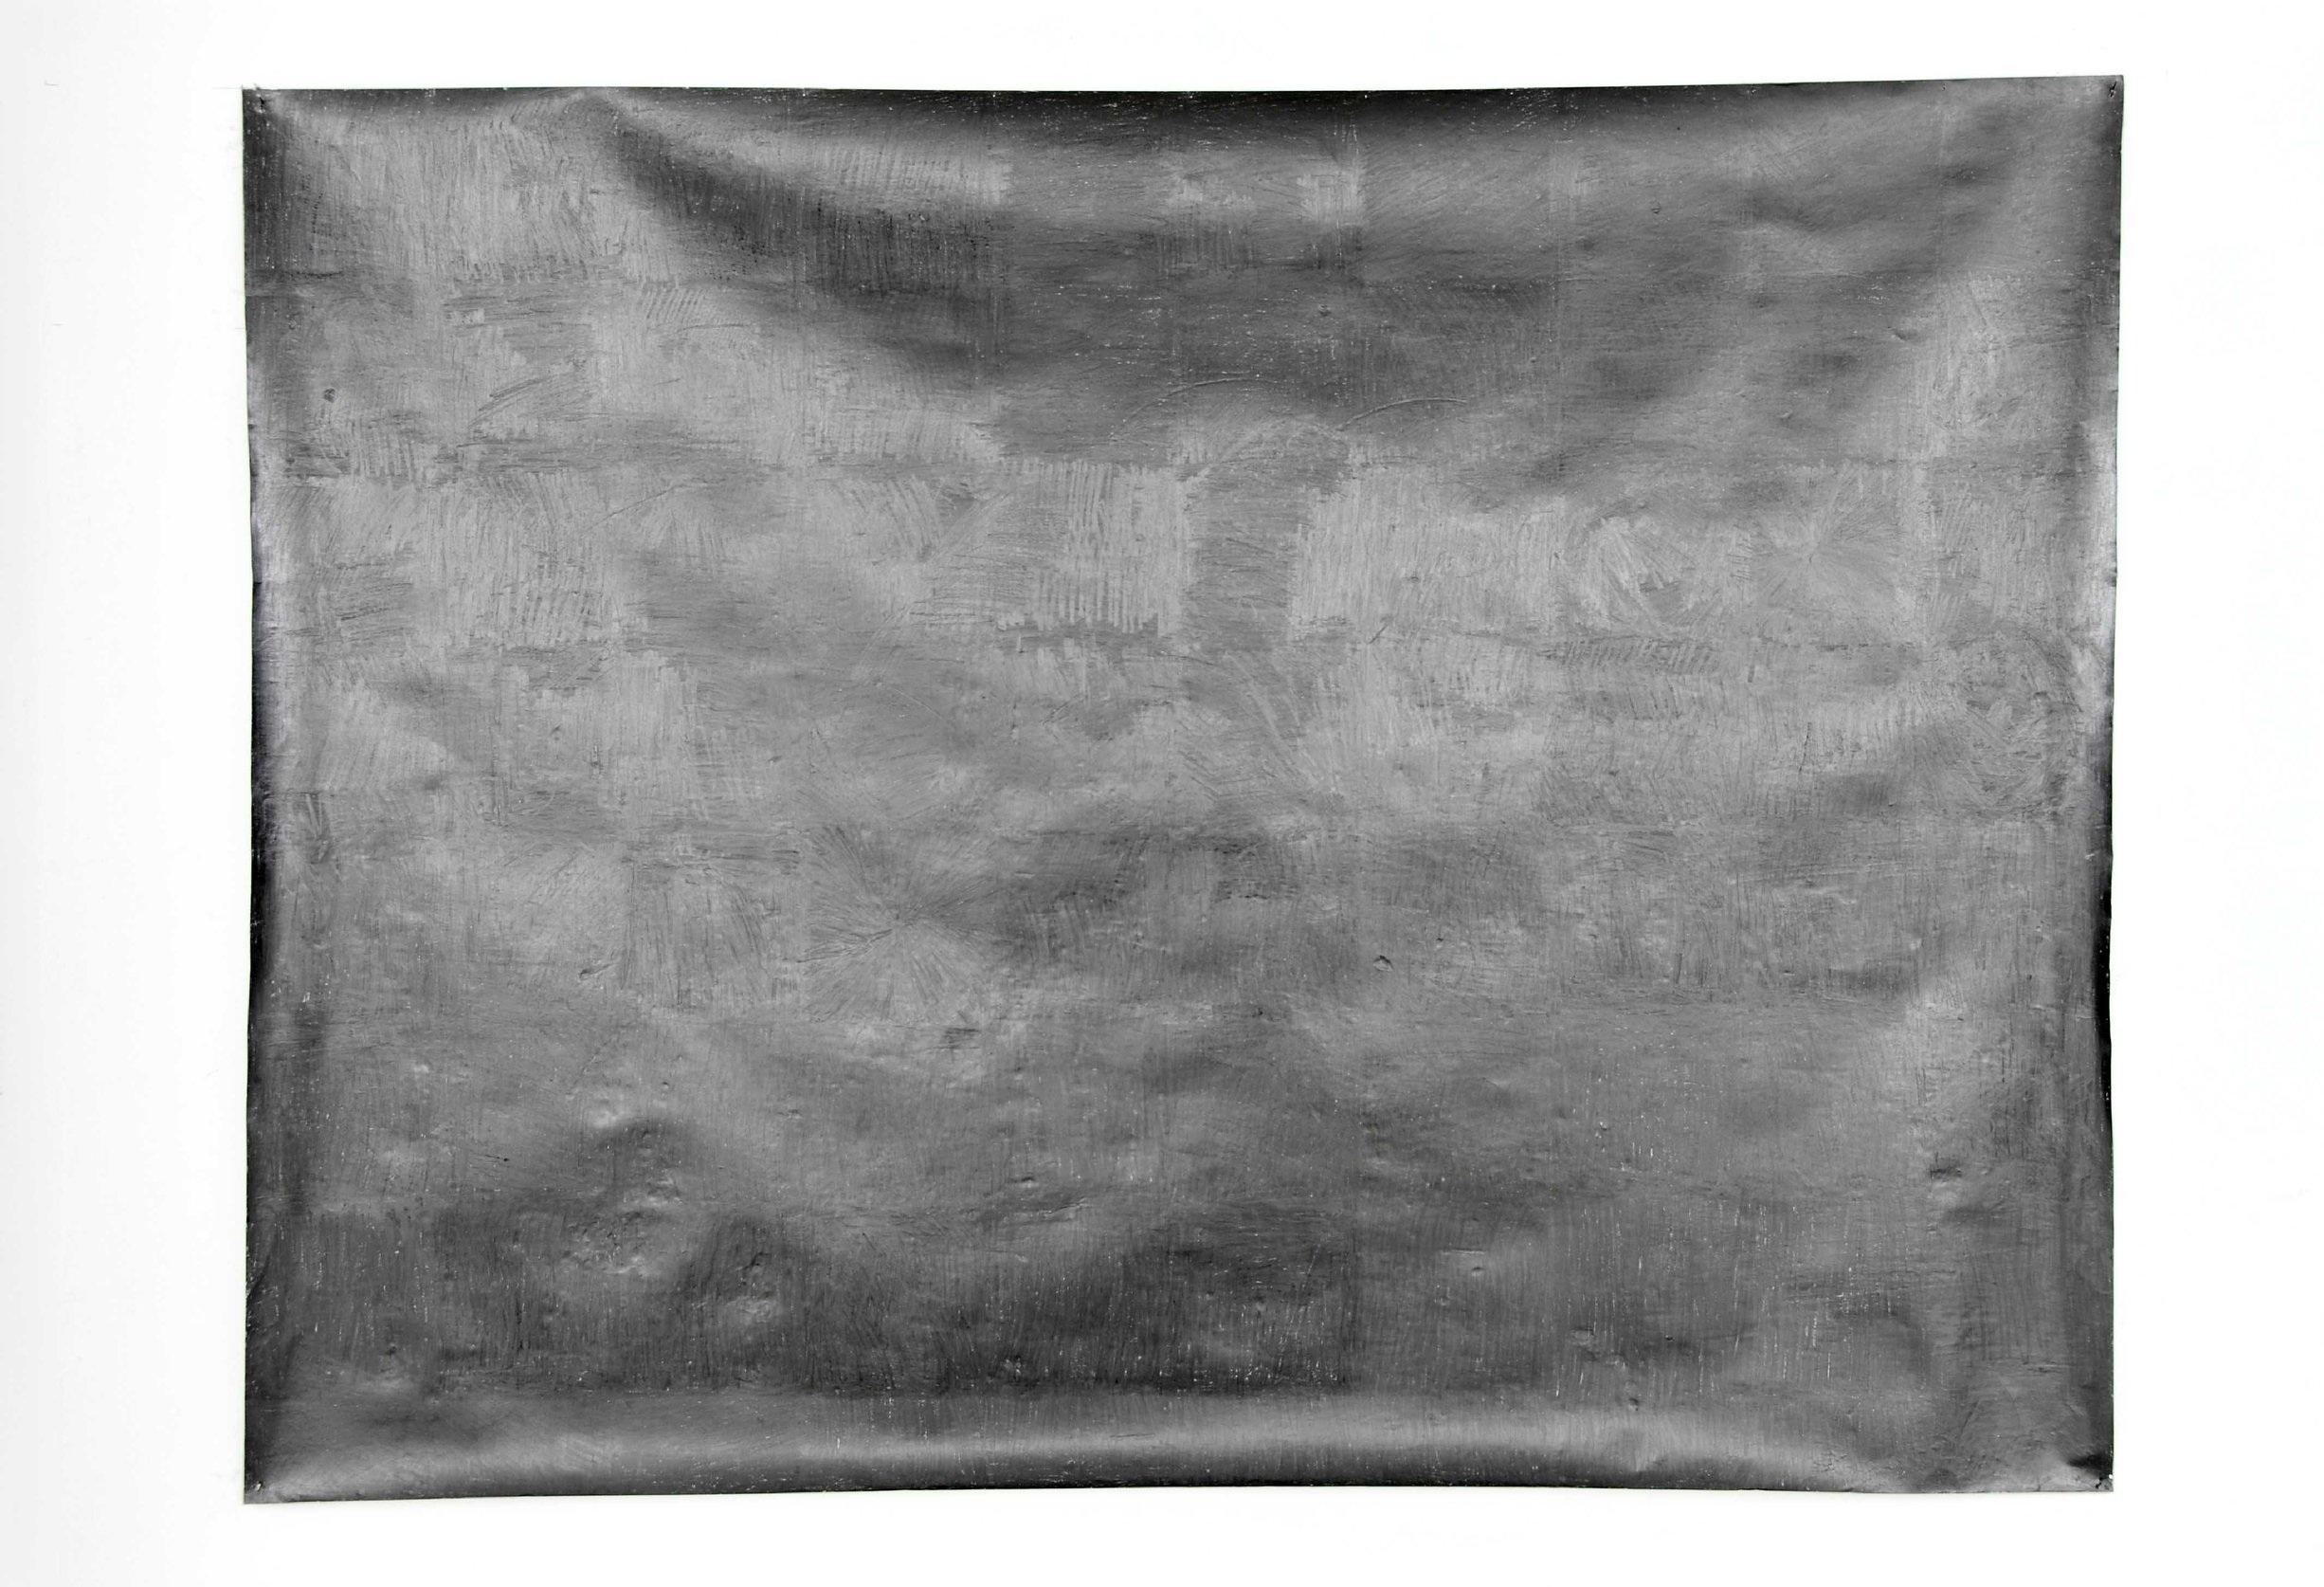 O.T. (schwarz) 2007 Bleisitft Papier 150x200cm.jpg